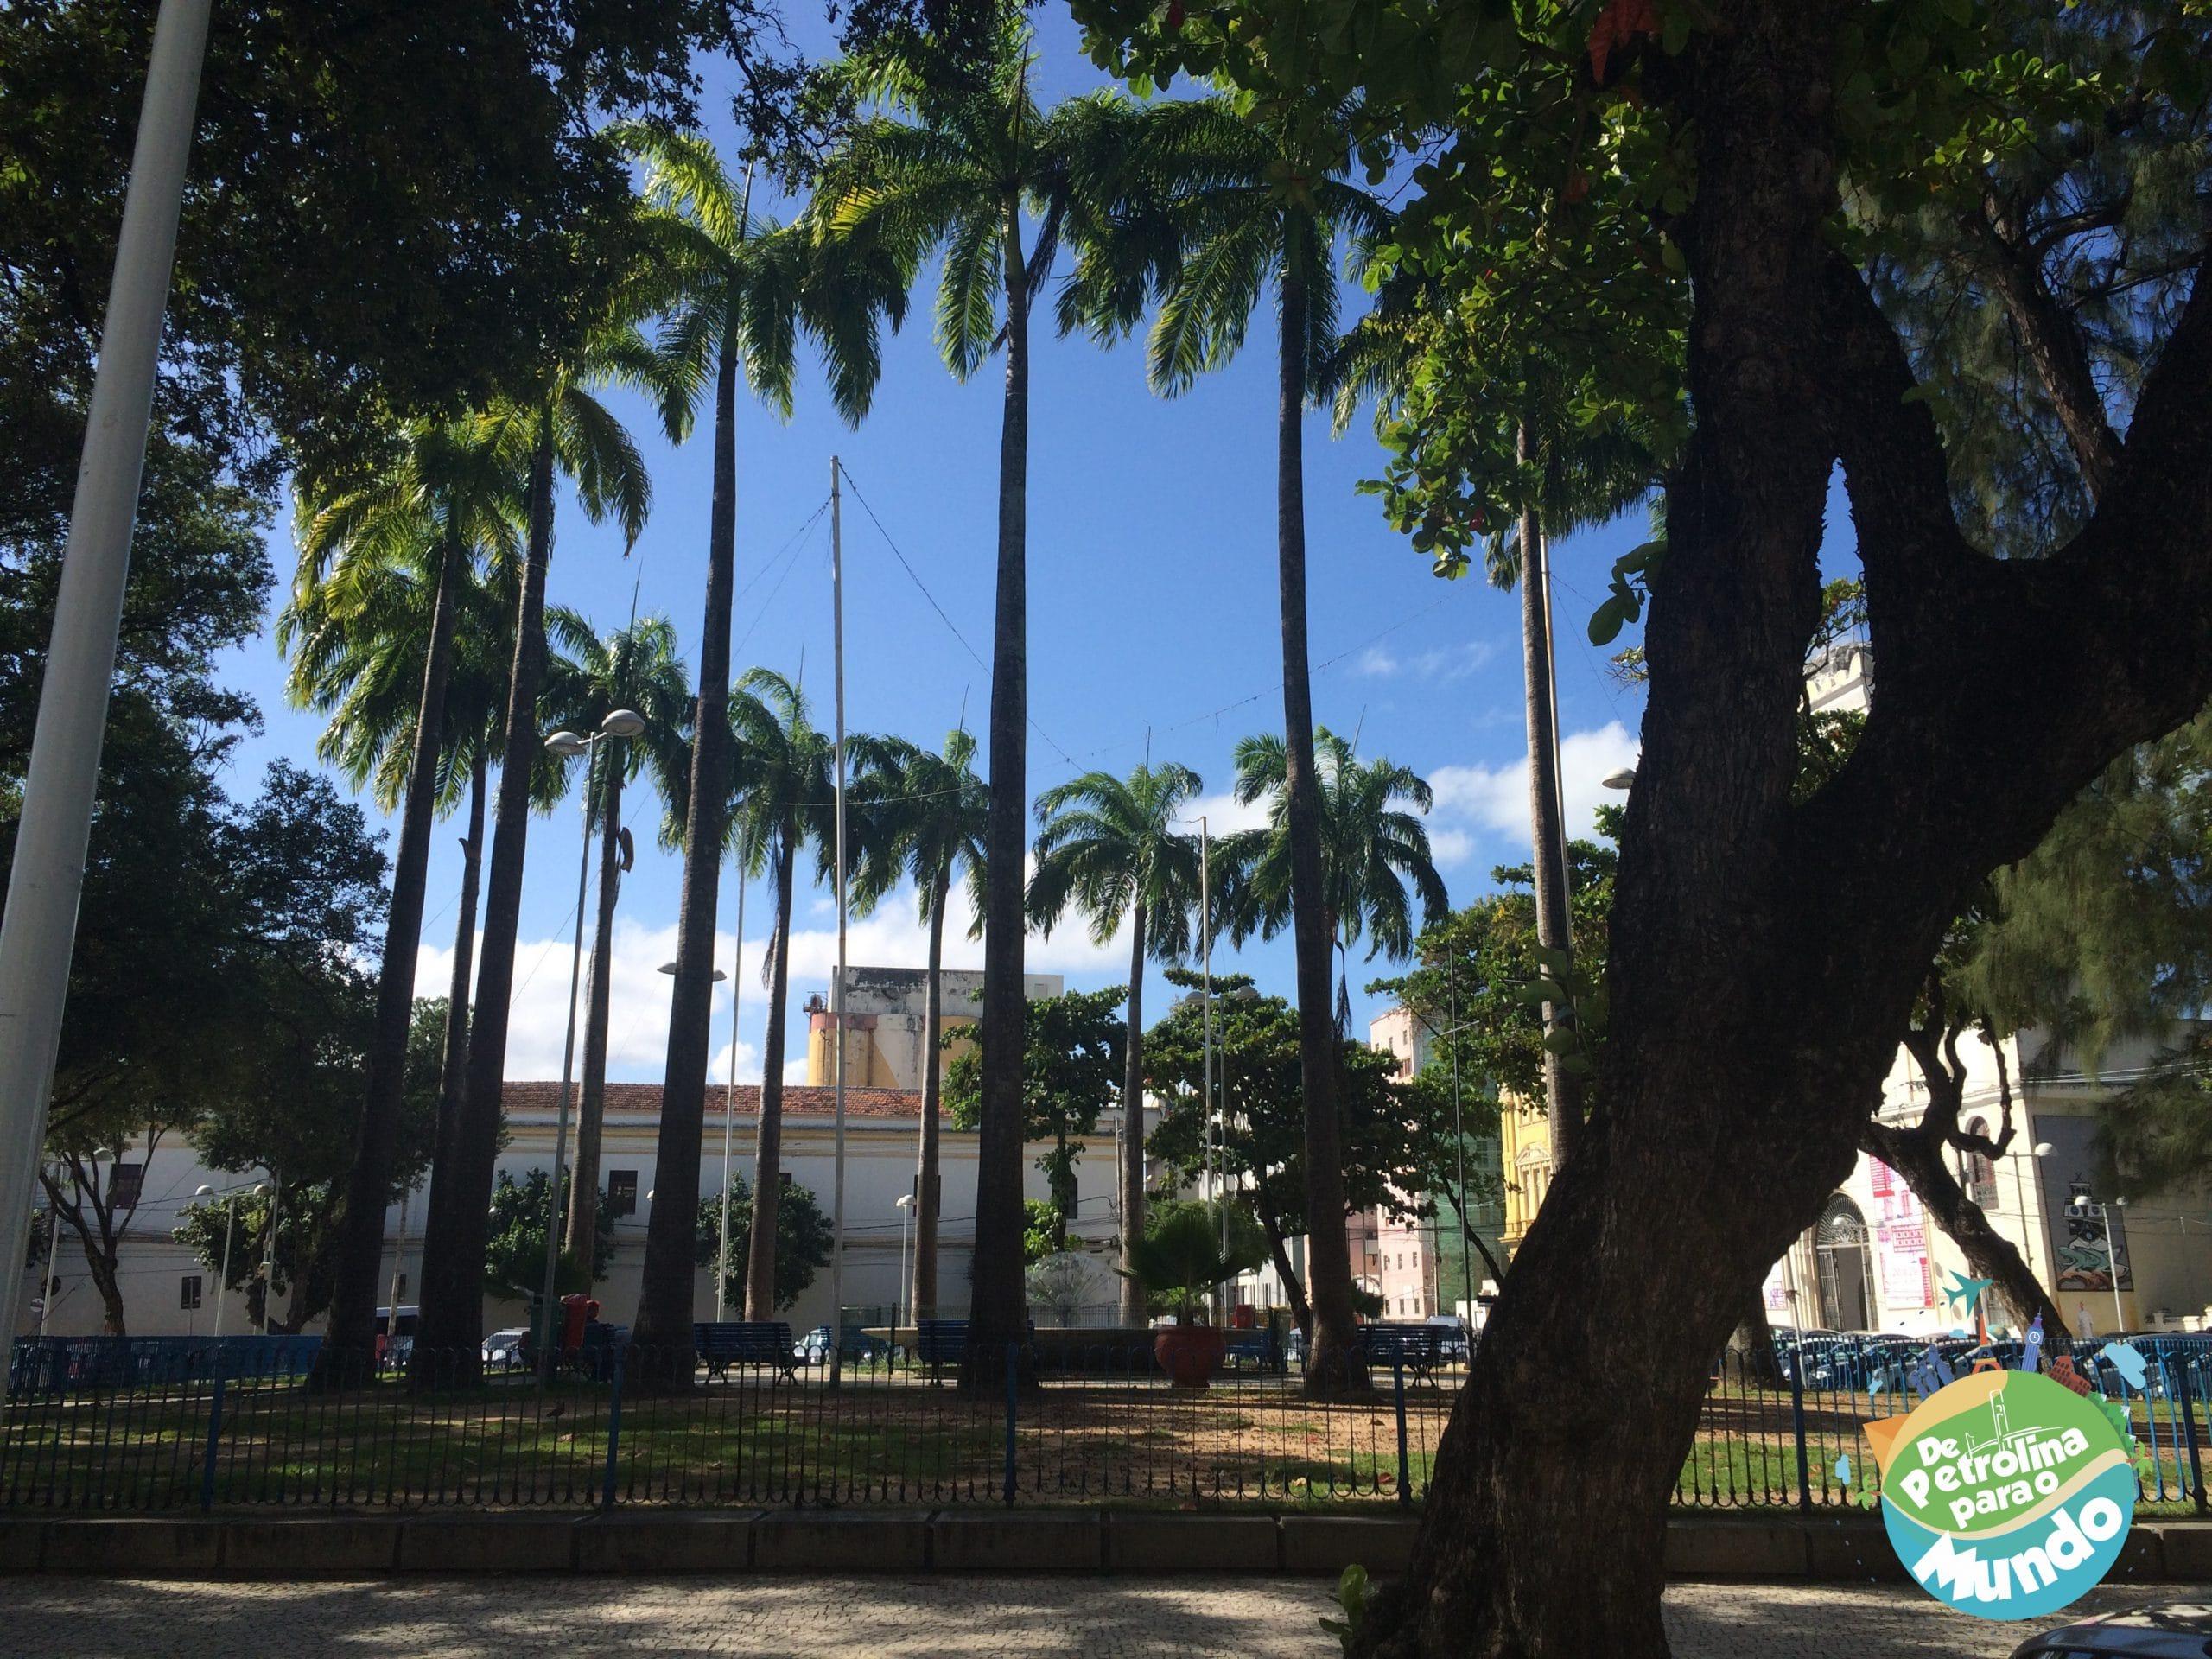 Praça do Arsenal da Marinha em Recife PE